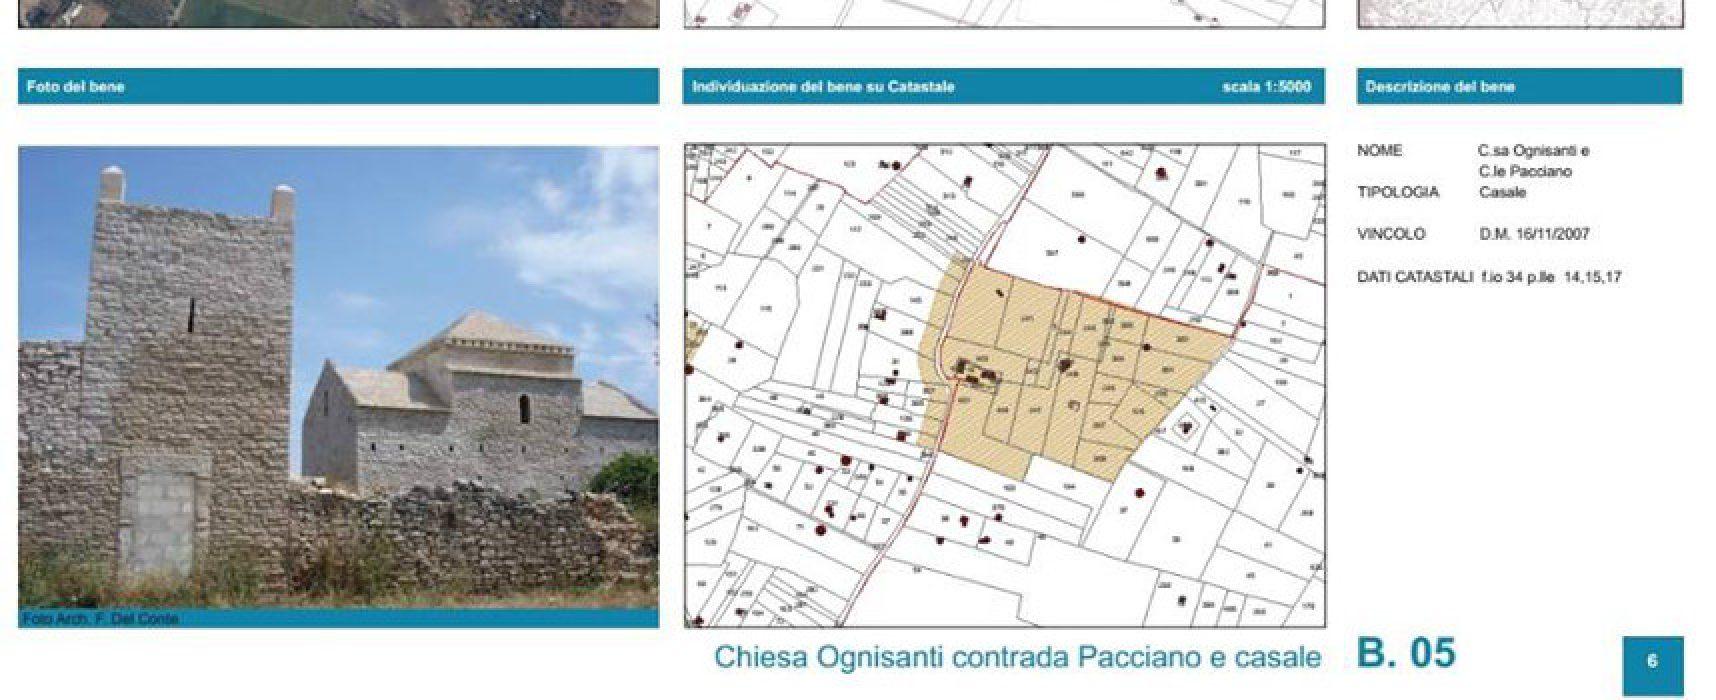 Tutela beni paesaggistici, la Regione approva la proposta del comune di Bisceglie